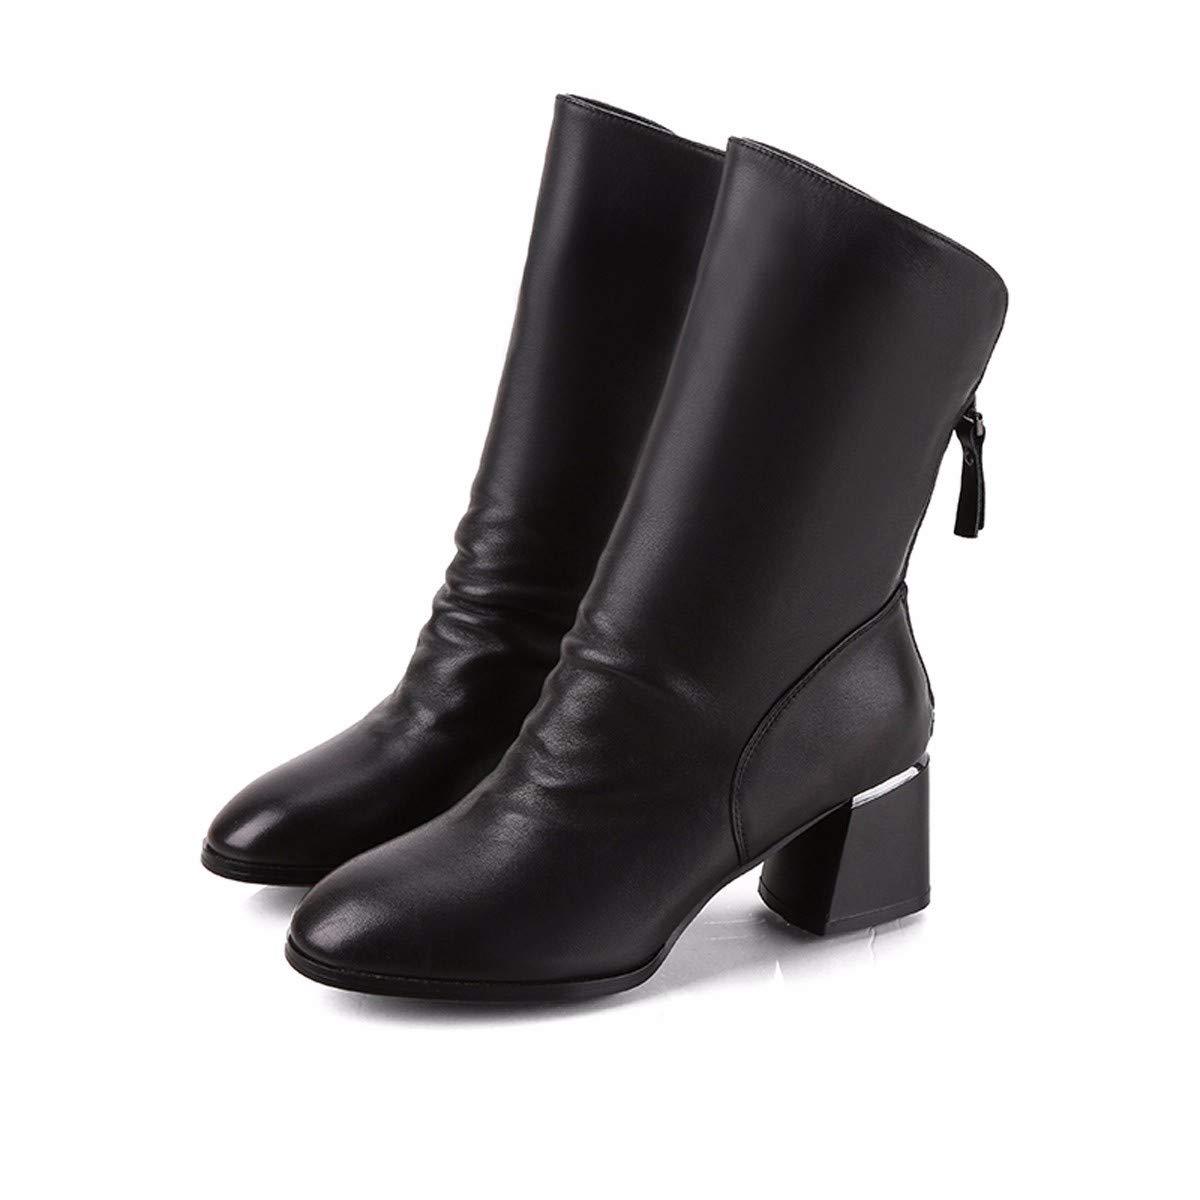 HBDLH Damenschuhe Mode - Stiefel Mit Hohen 6 cm Runden Kopf Mittlere U - Stiefel Wasserdichte Plattform Dicke Sohle Ma Dingxue.